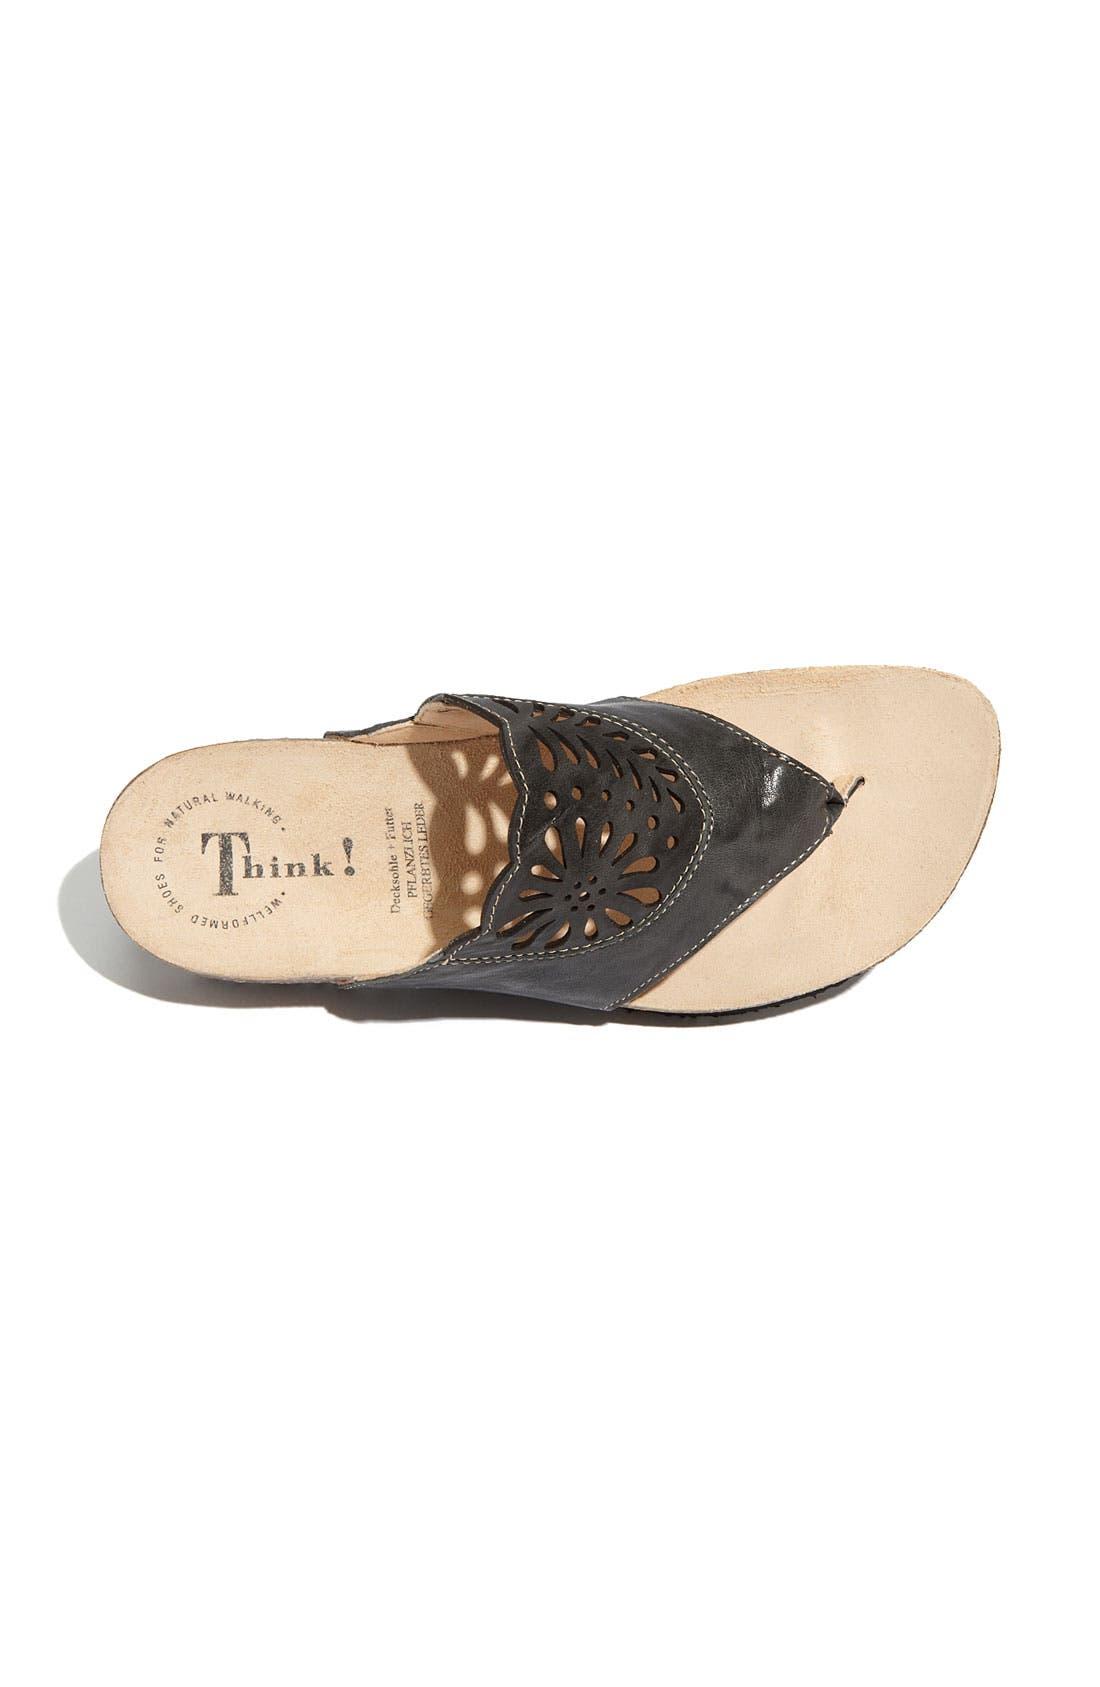 Alternate Image 3  - Think! 'Julia' Thong Sandal